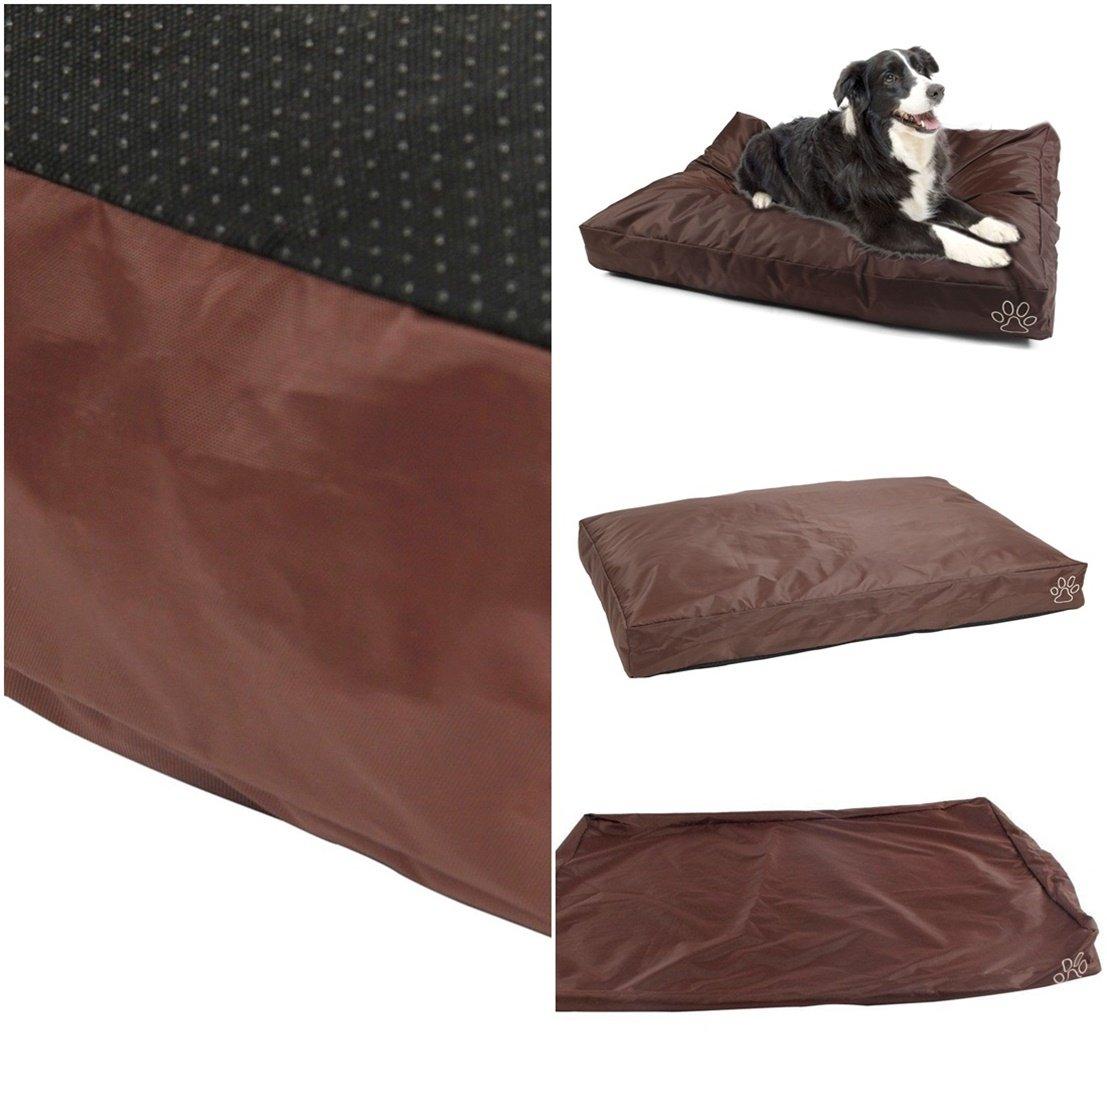 1Pcs Sumptuous Popular Pet Bed Cover Size XL 48'' x 29'' Cat Pillow Soft Zipper Color Type Brown Oxford